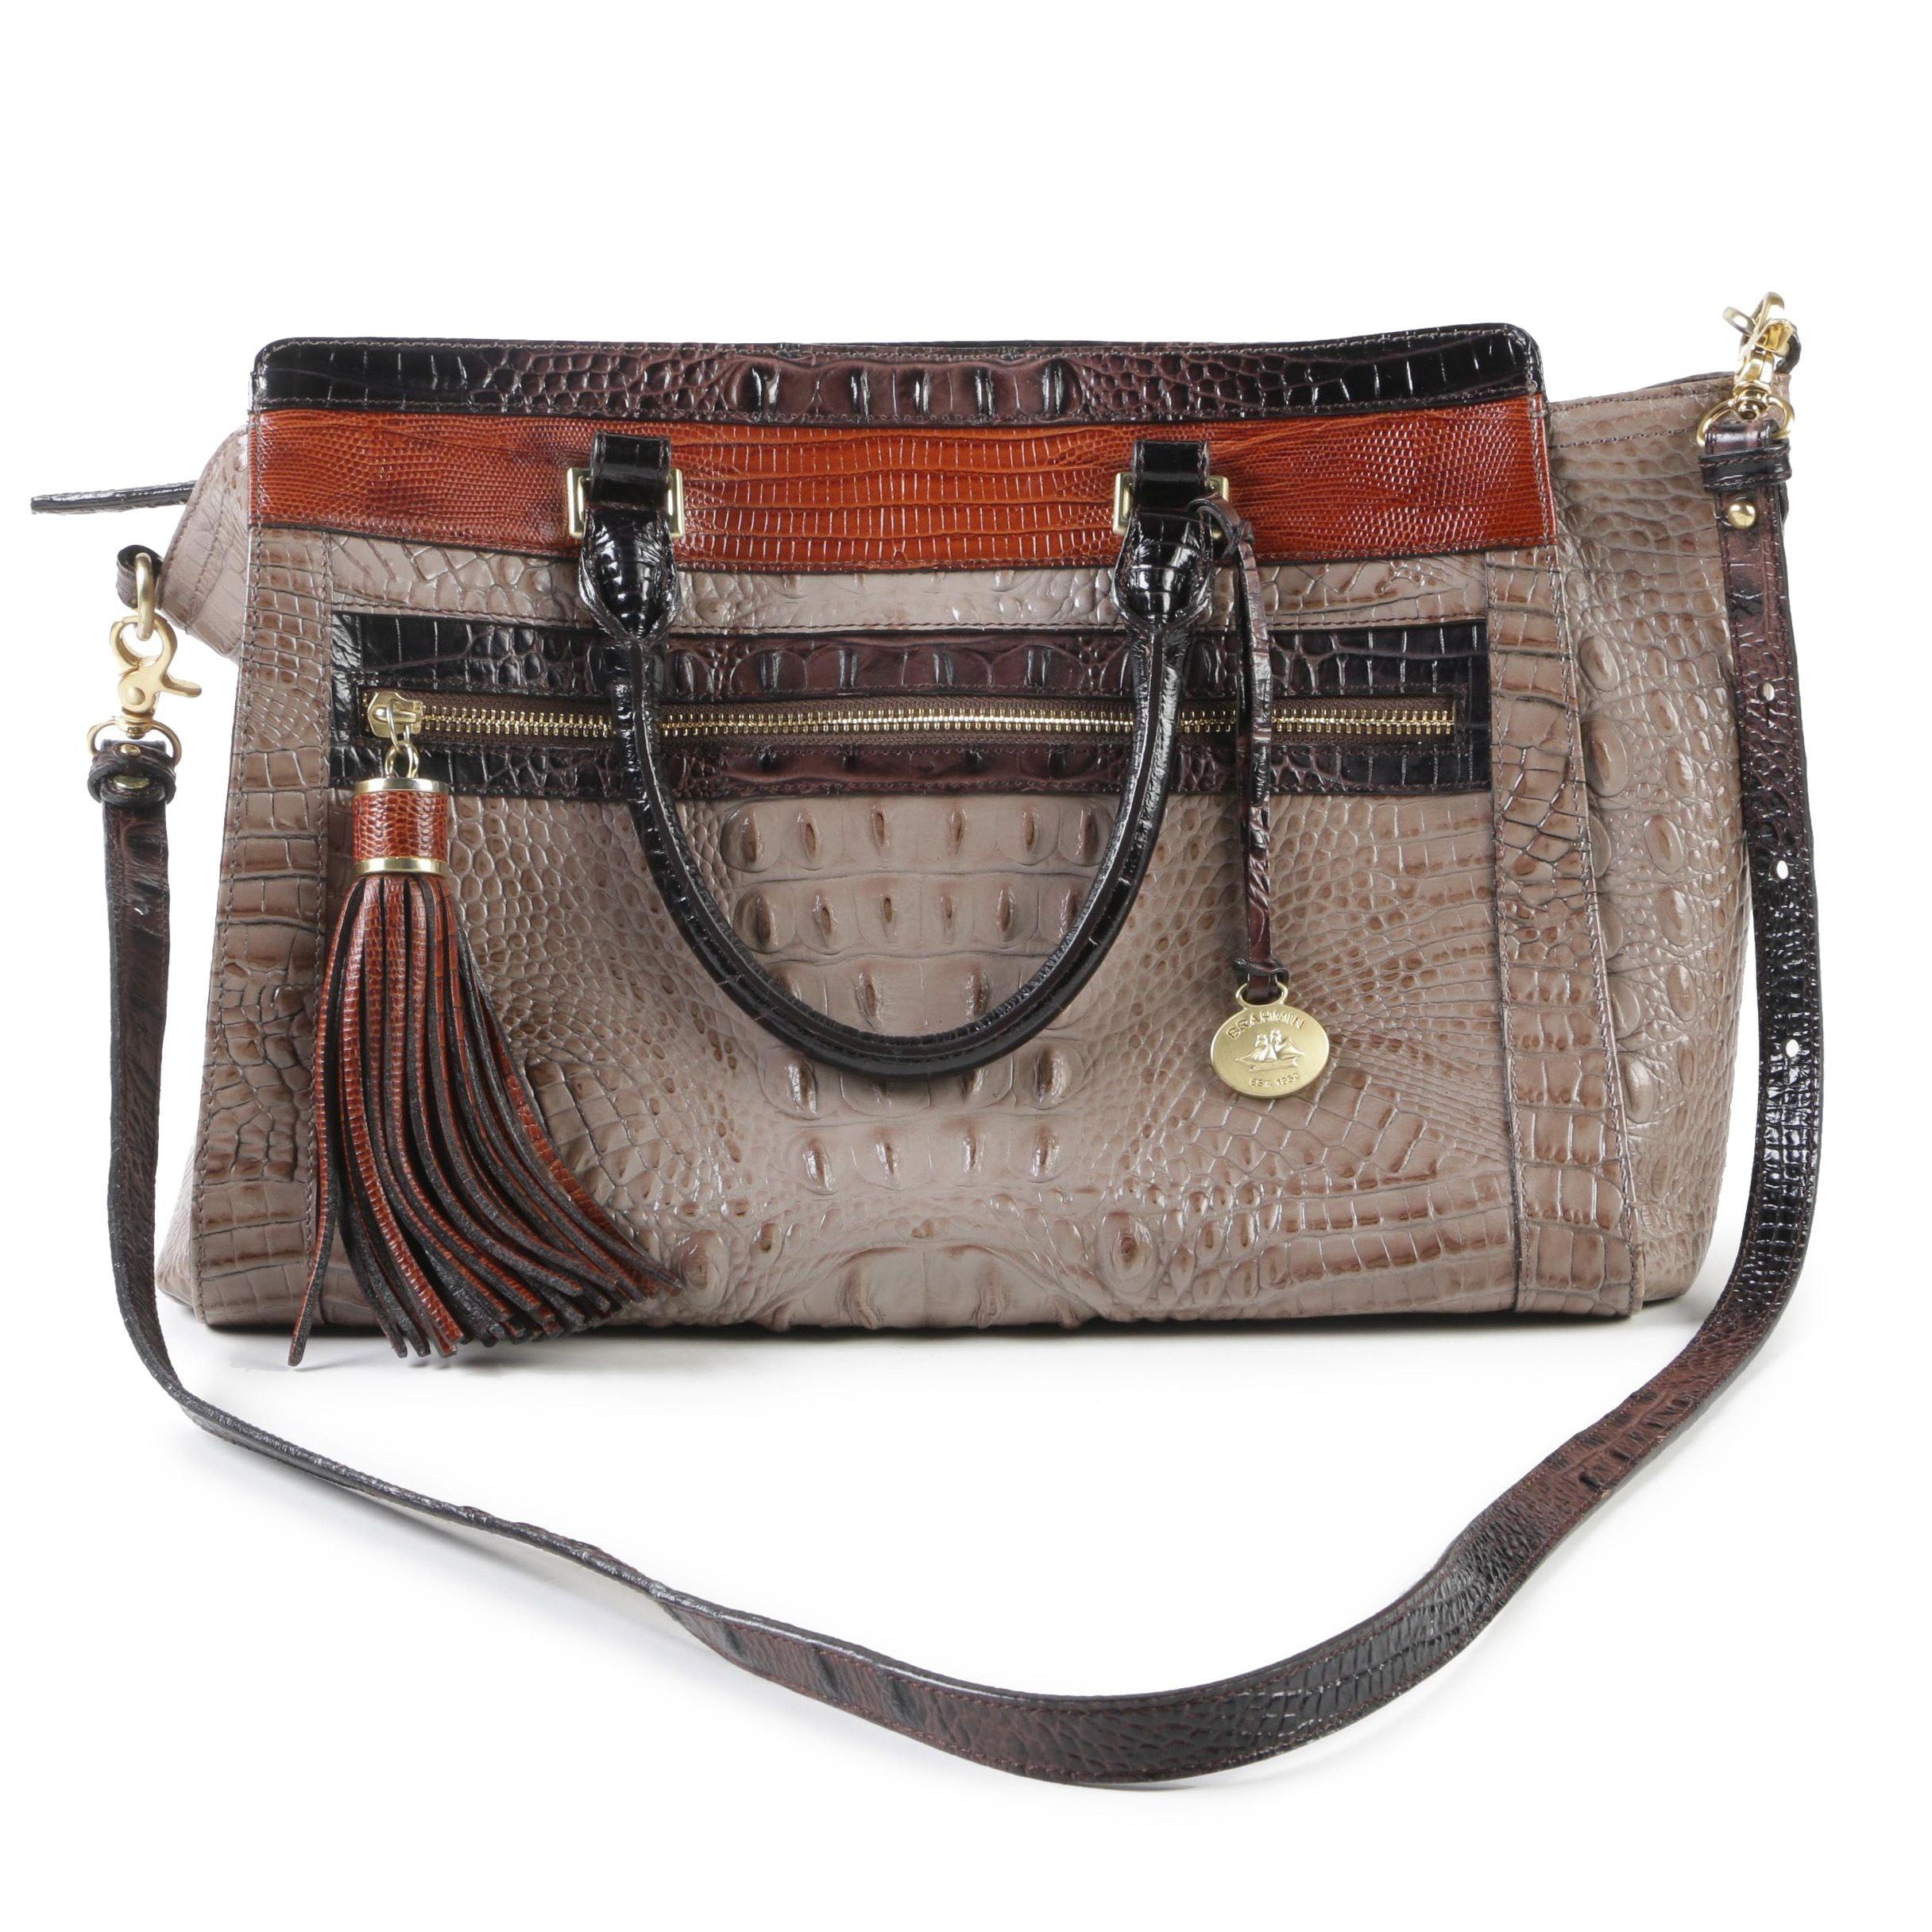 Brahmin Tri-Color Embossed Leather Melbourne Collection Harper Satchel